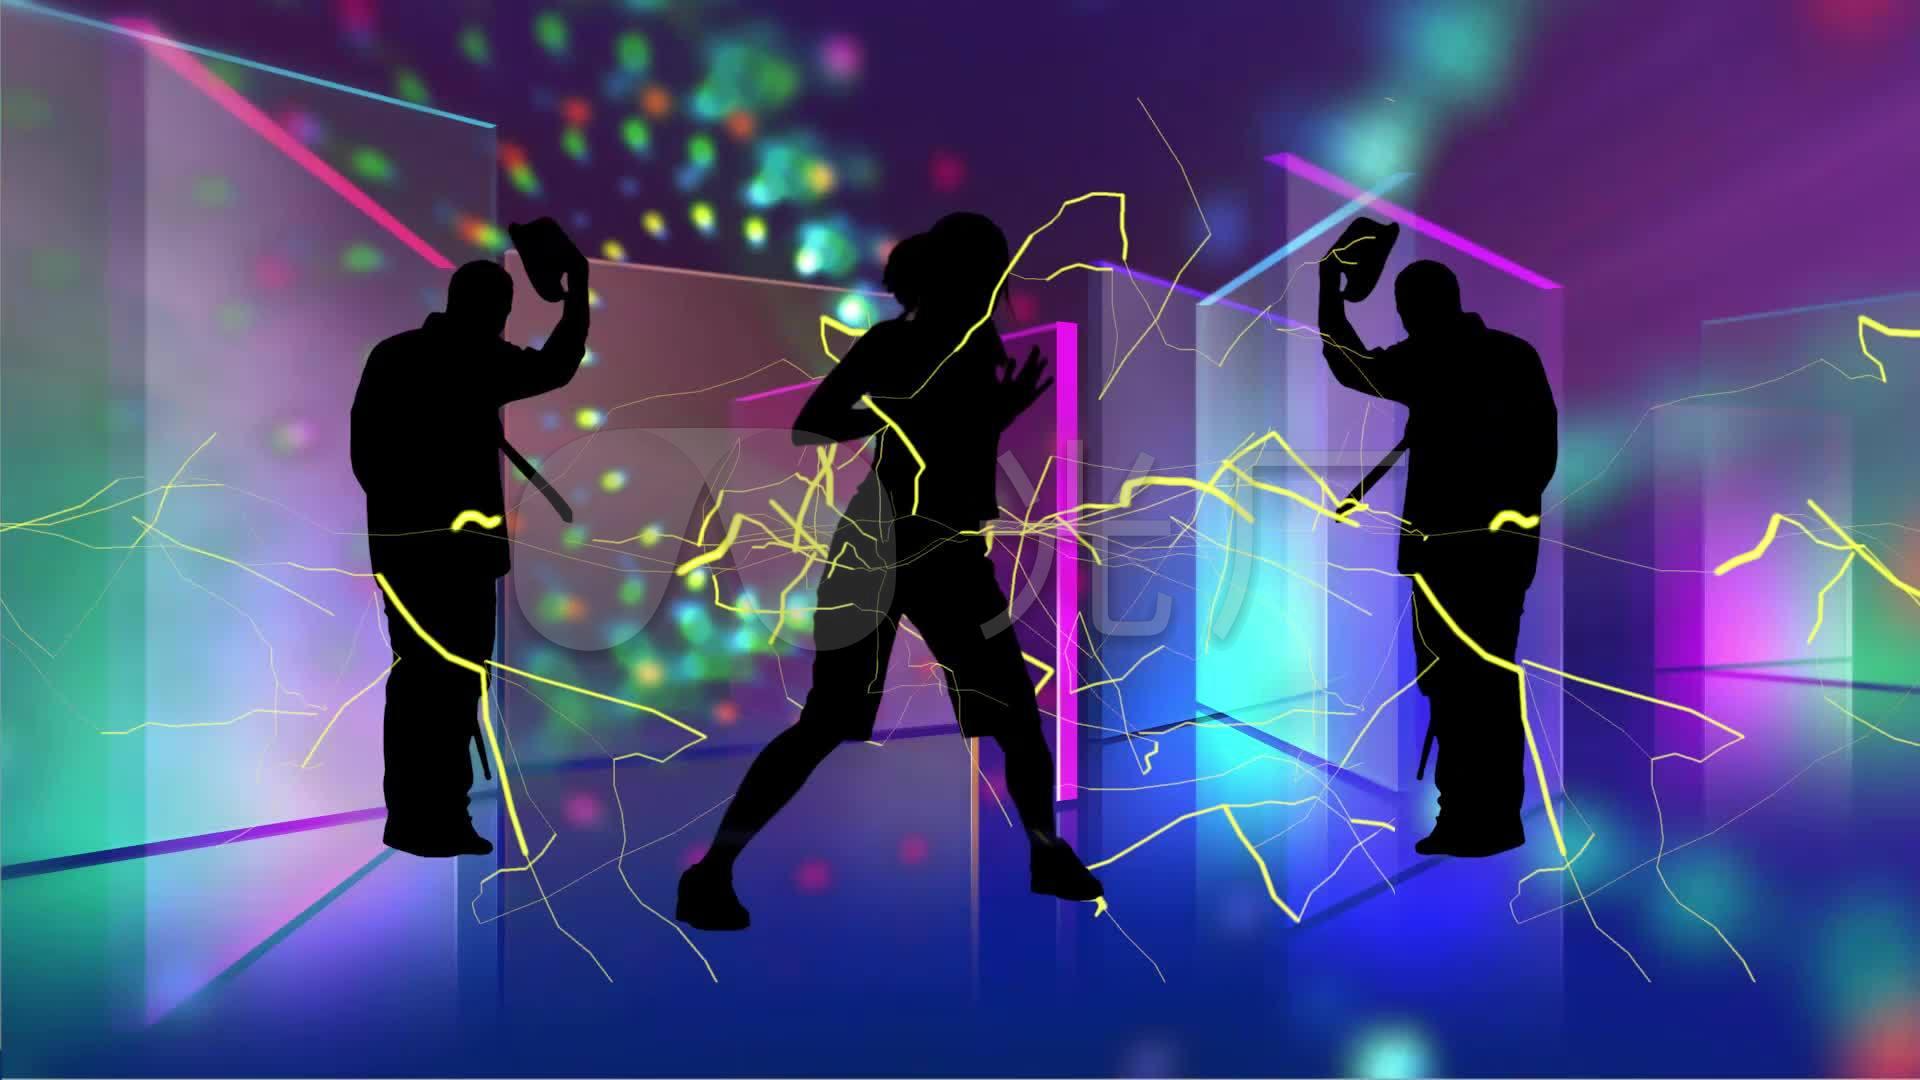 教学高清seve舞蹈舞台_1920X1080_背景动感三分视频图片